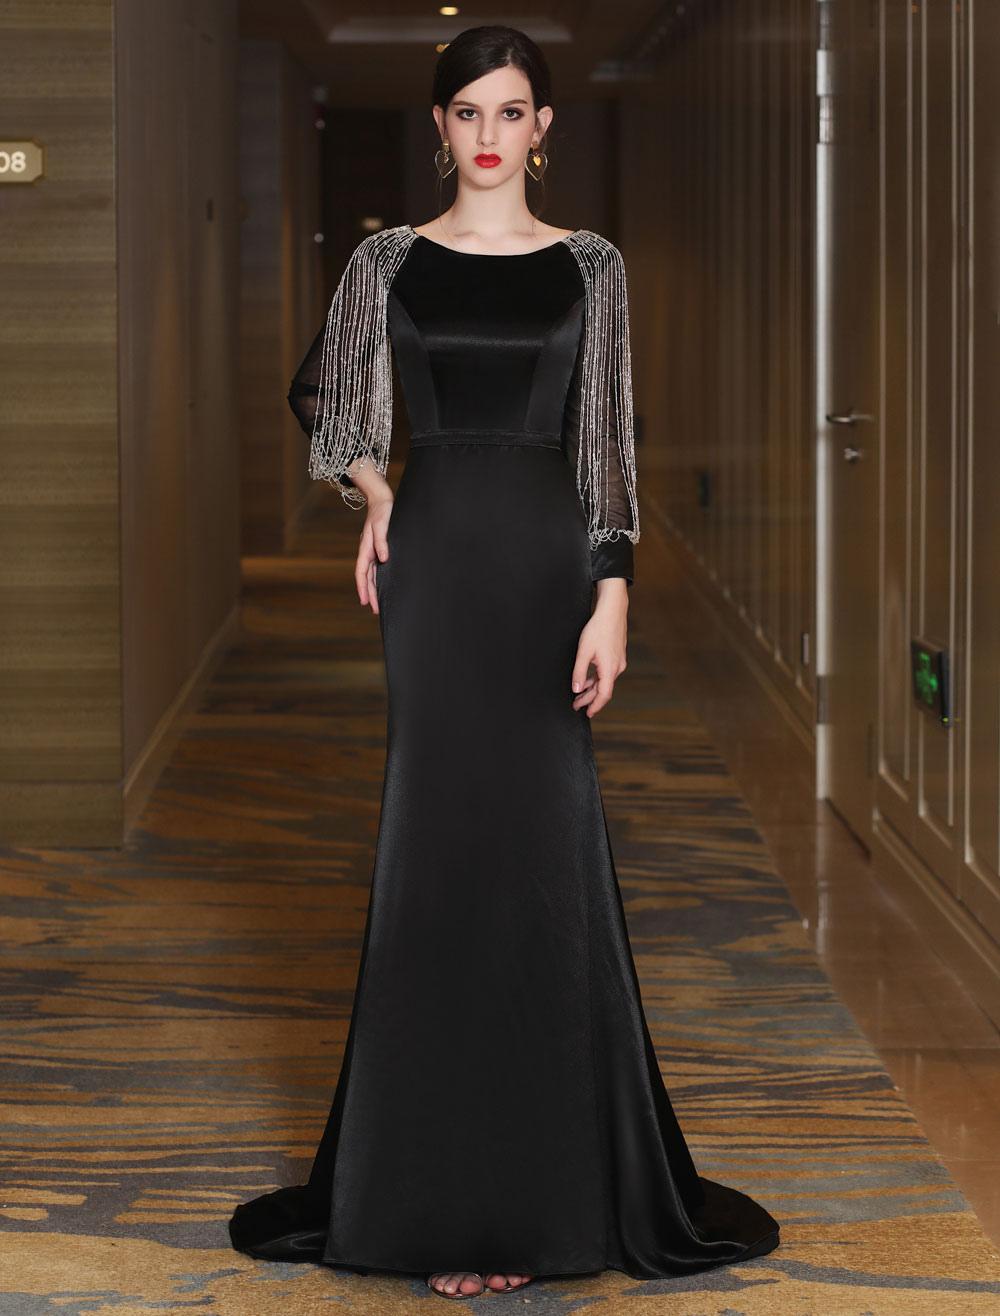 Schwarze Abendkleider Luxus Meerjungfrau Mutter Kleid lange Ärmel Ketten  bördelnde formale Anzug Kleider mit Zug